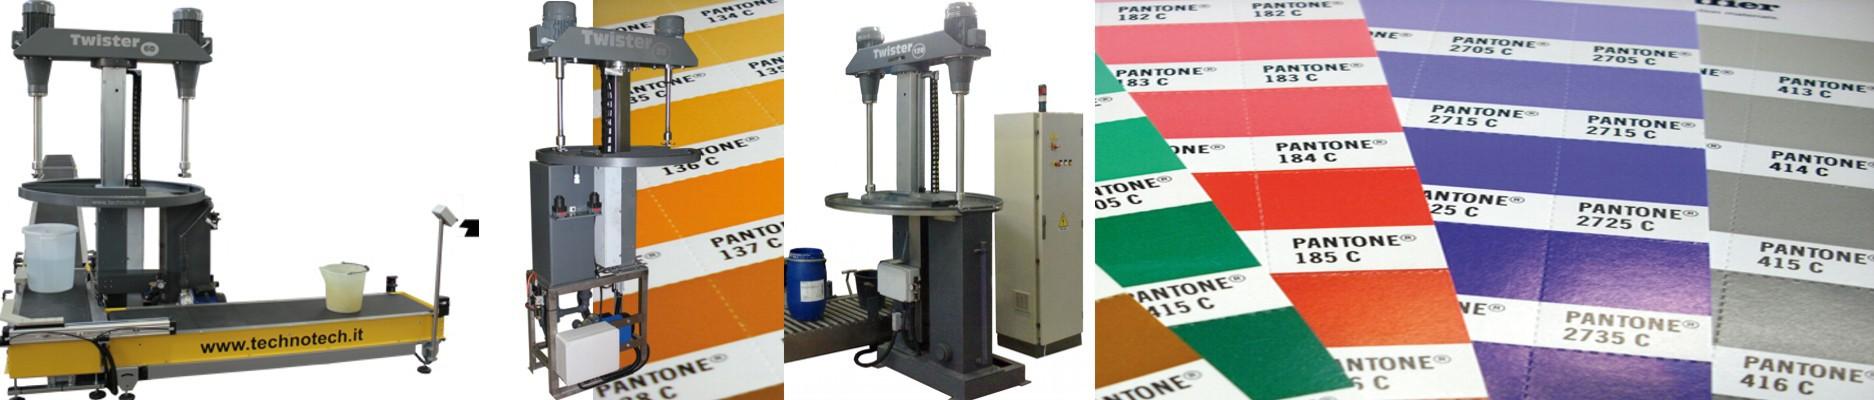 Miscelatori e sistemi di miscelazione automatica